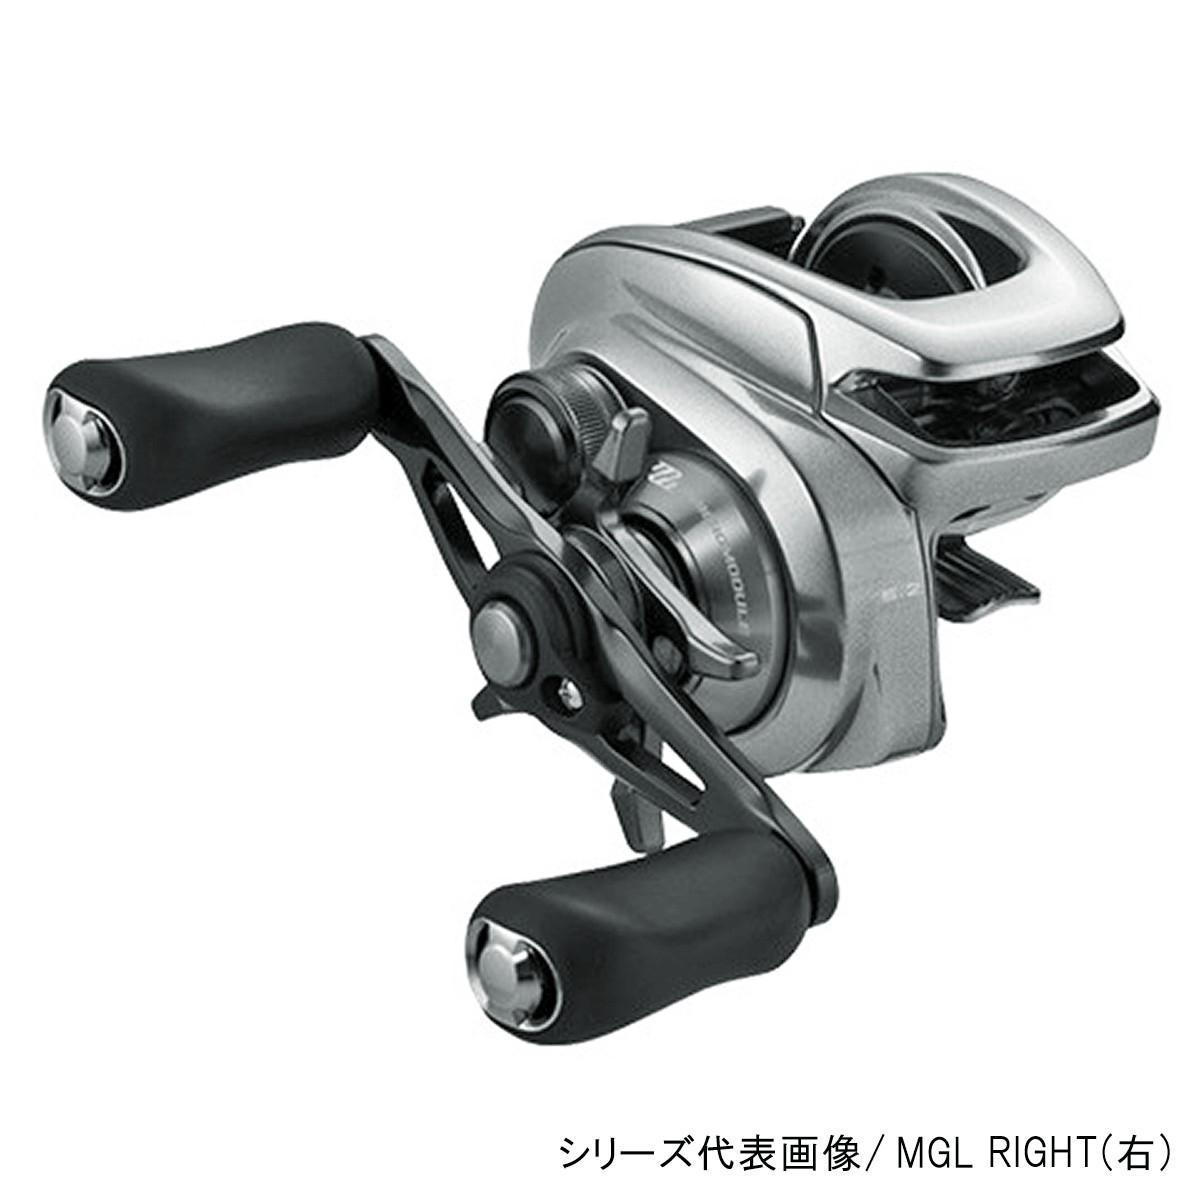 シマノ バンタム MGL PG RIGHT(右)【送料無料】